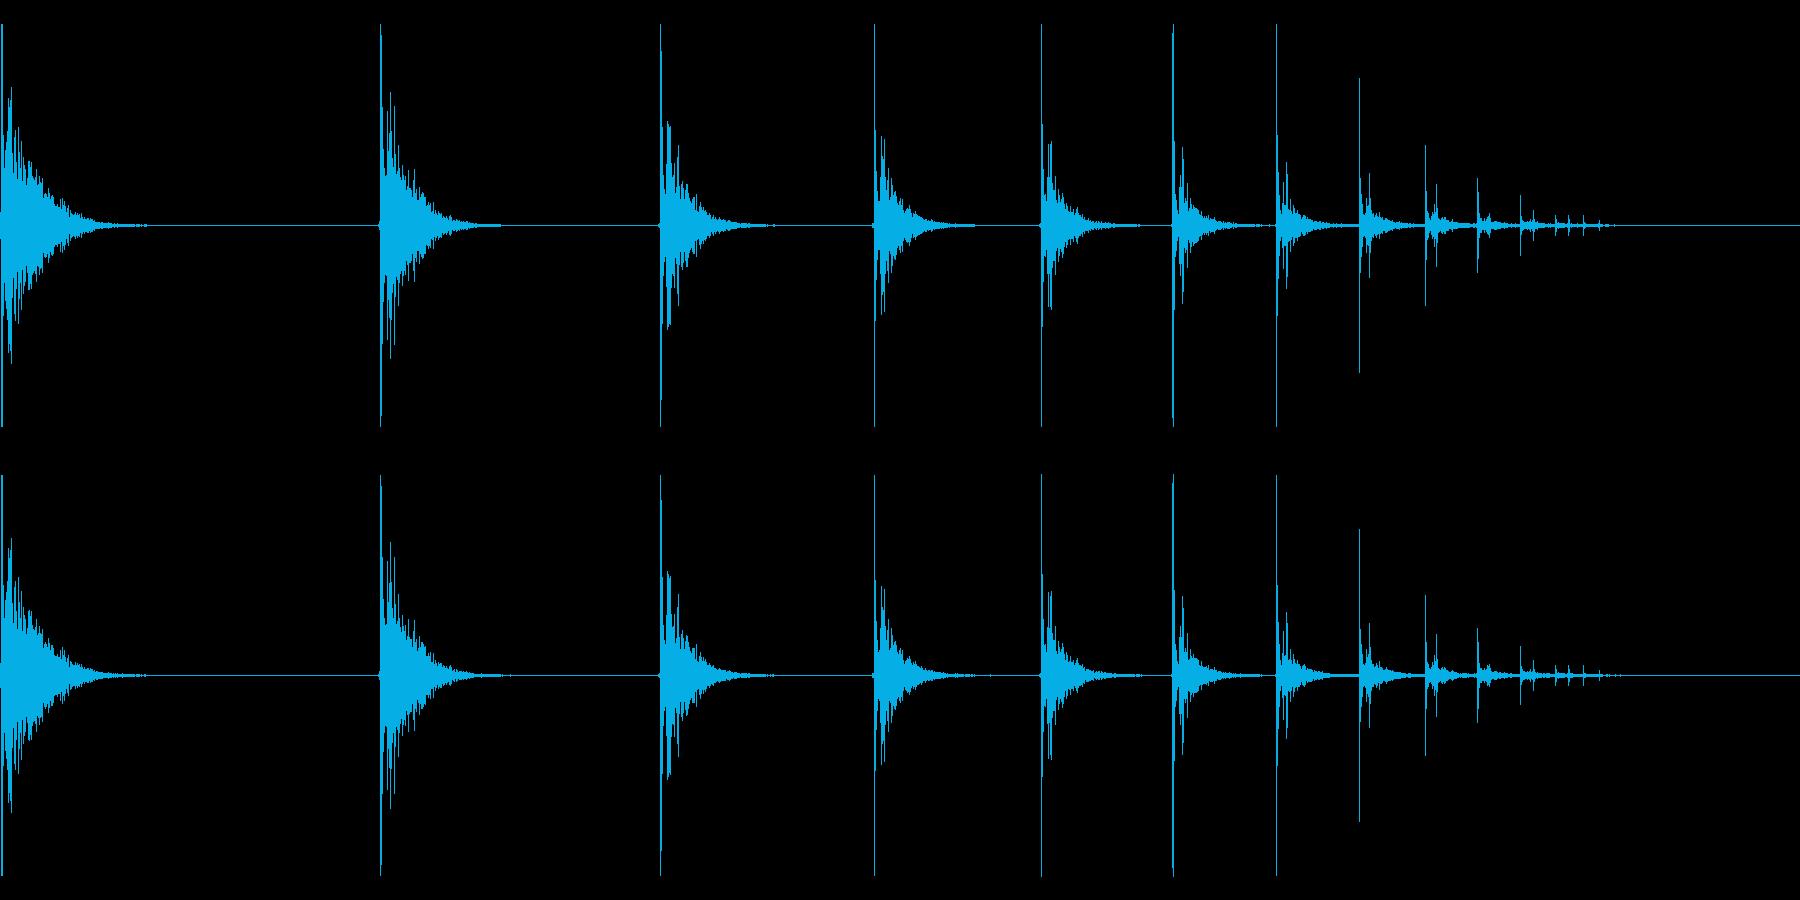 【生録音】カラーボールが跳ねる音の再生済みの波形